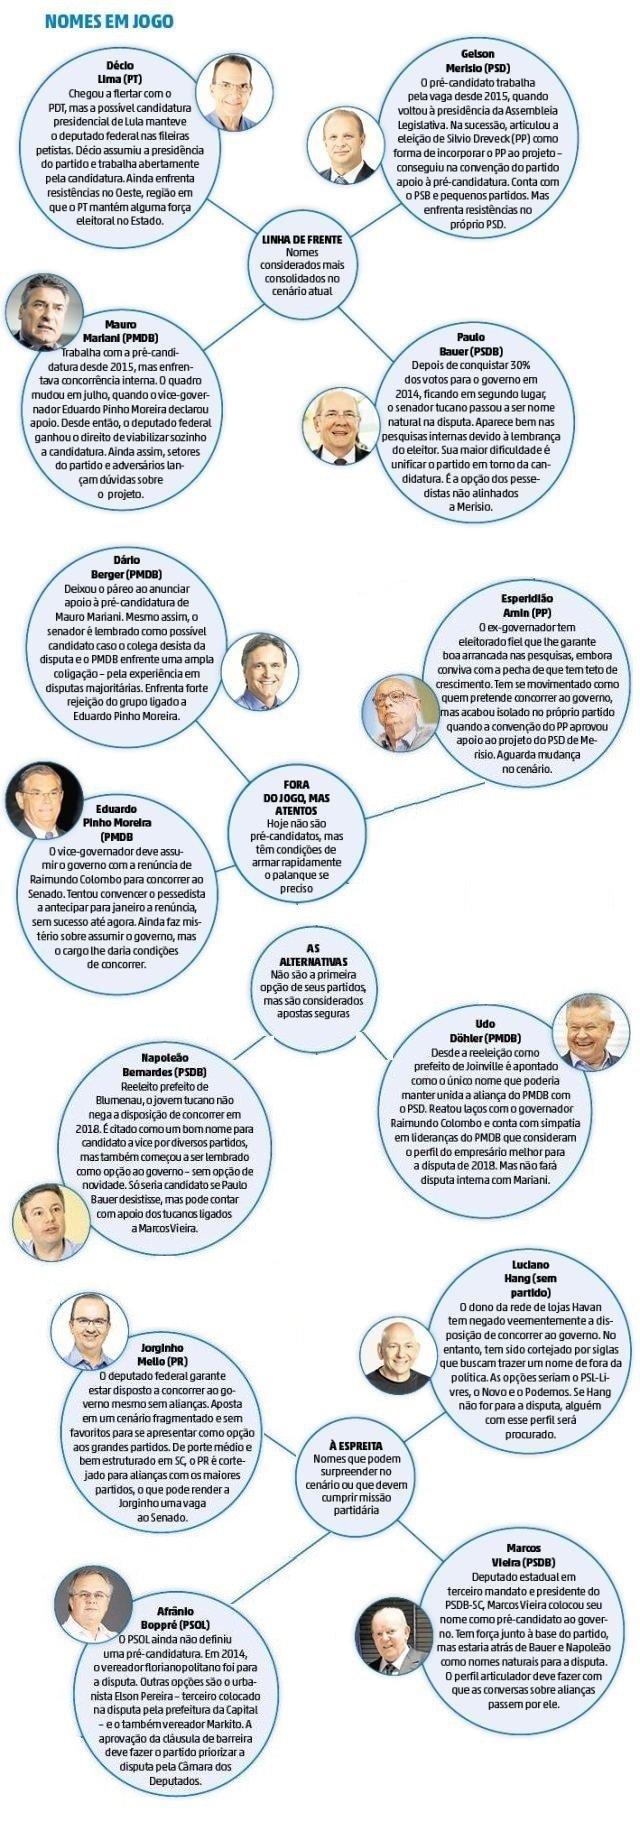 Os pré-candidatos ao governo de SC